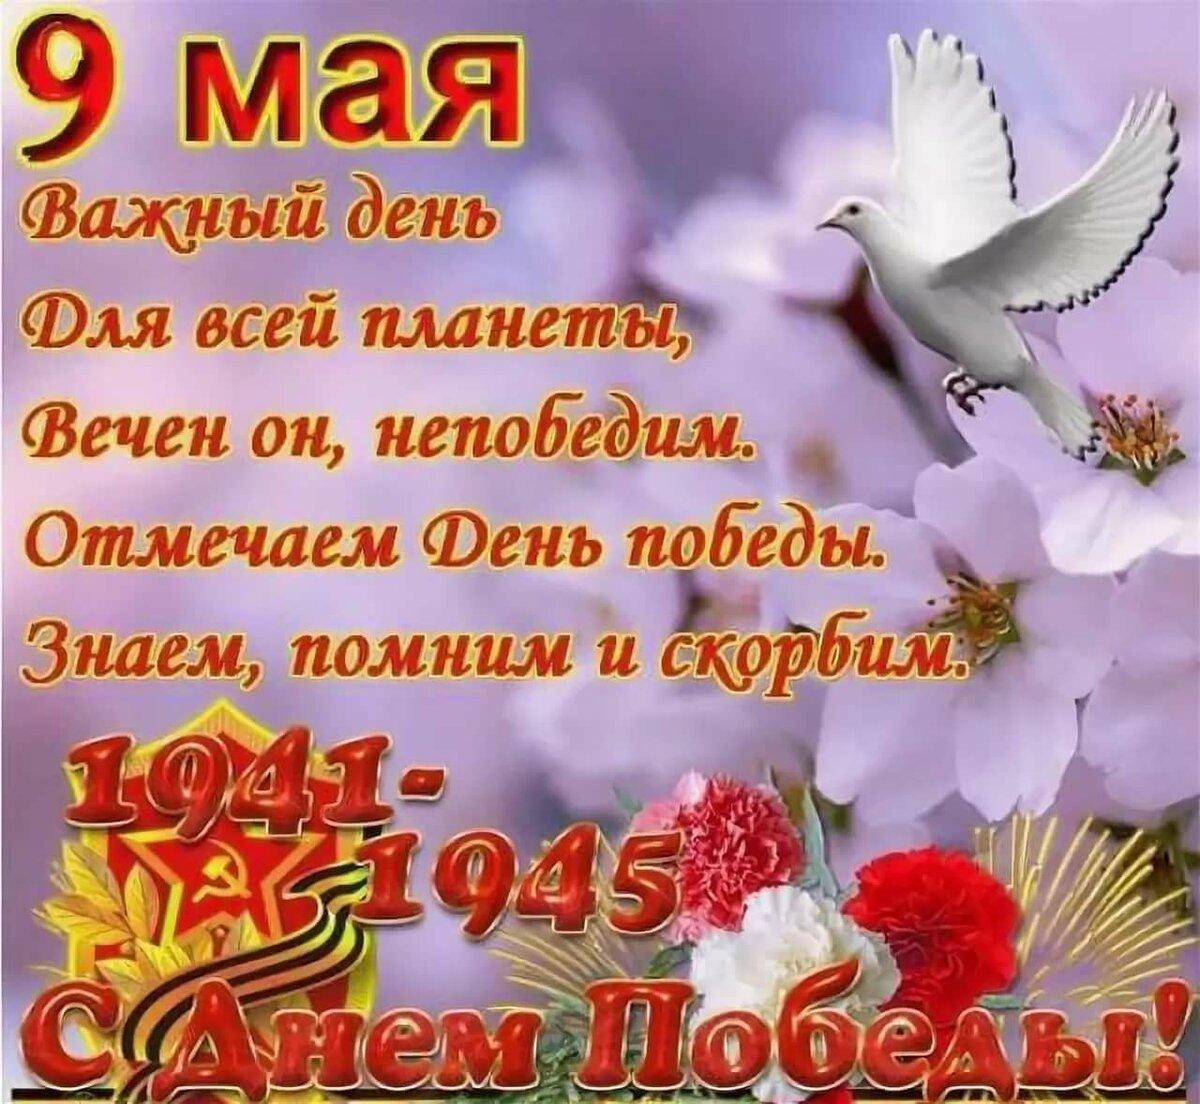 Стих для открытки на день победы, татьяниным